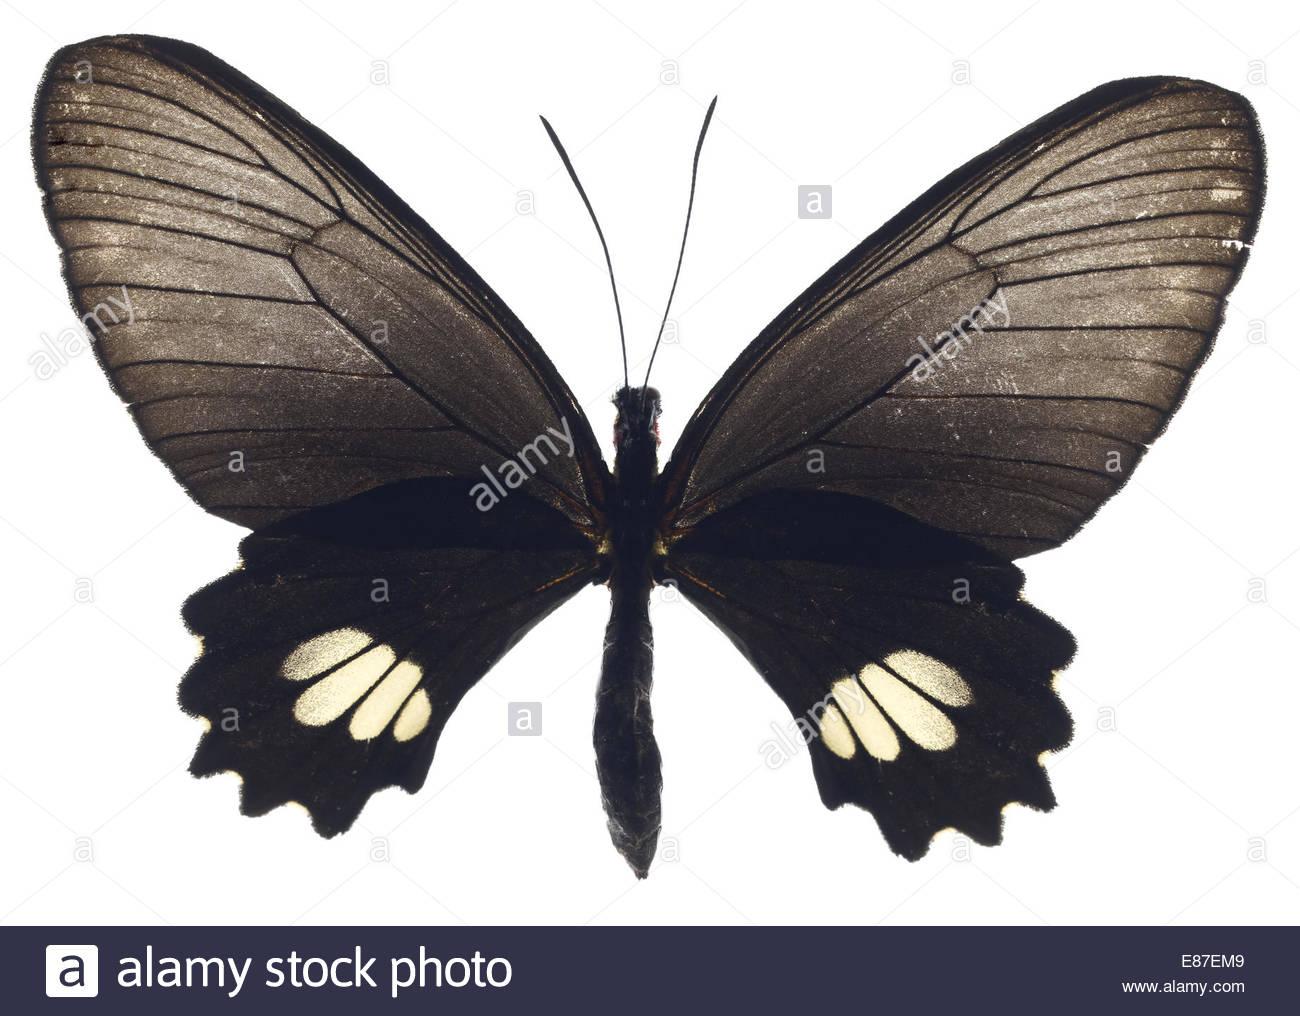 Farfalla nera con ali aperte su sfondo bianco Immagini Stock